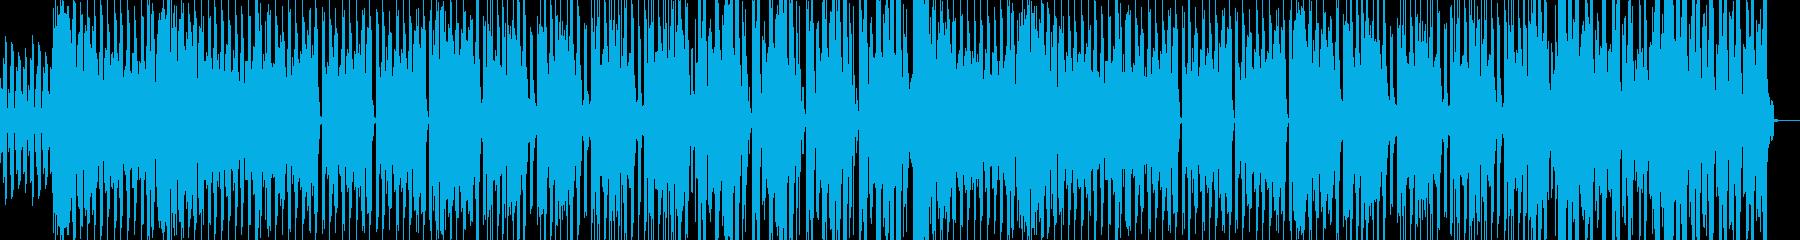 疾走感のあるビートとEDM風シンセの再生済みの波形